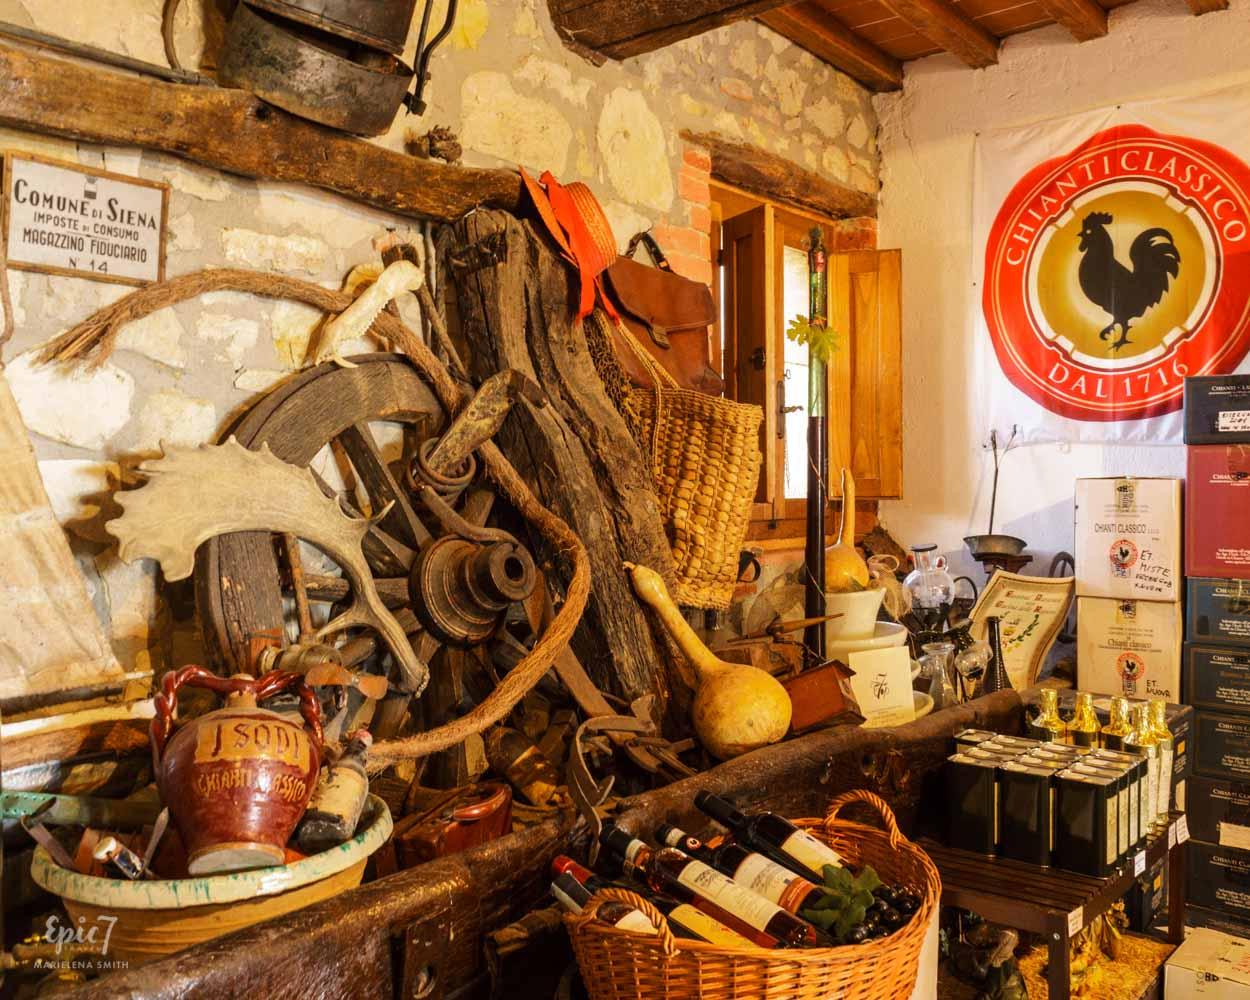 Tuscany_Winery_I_Sodi